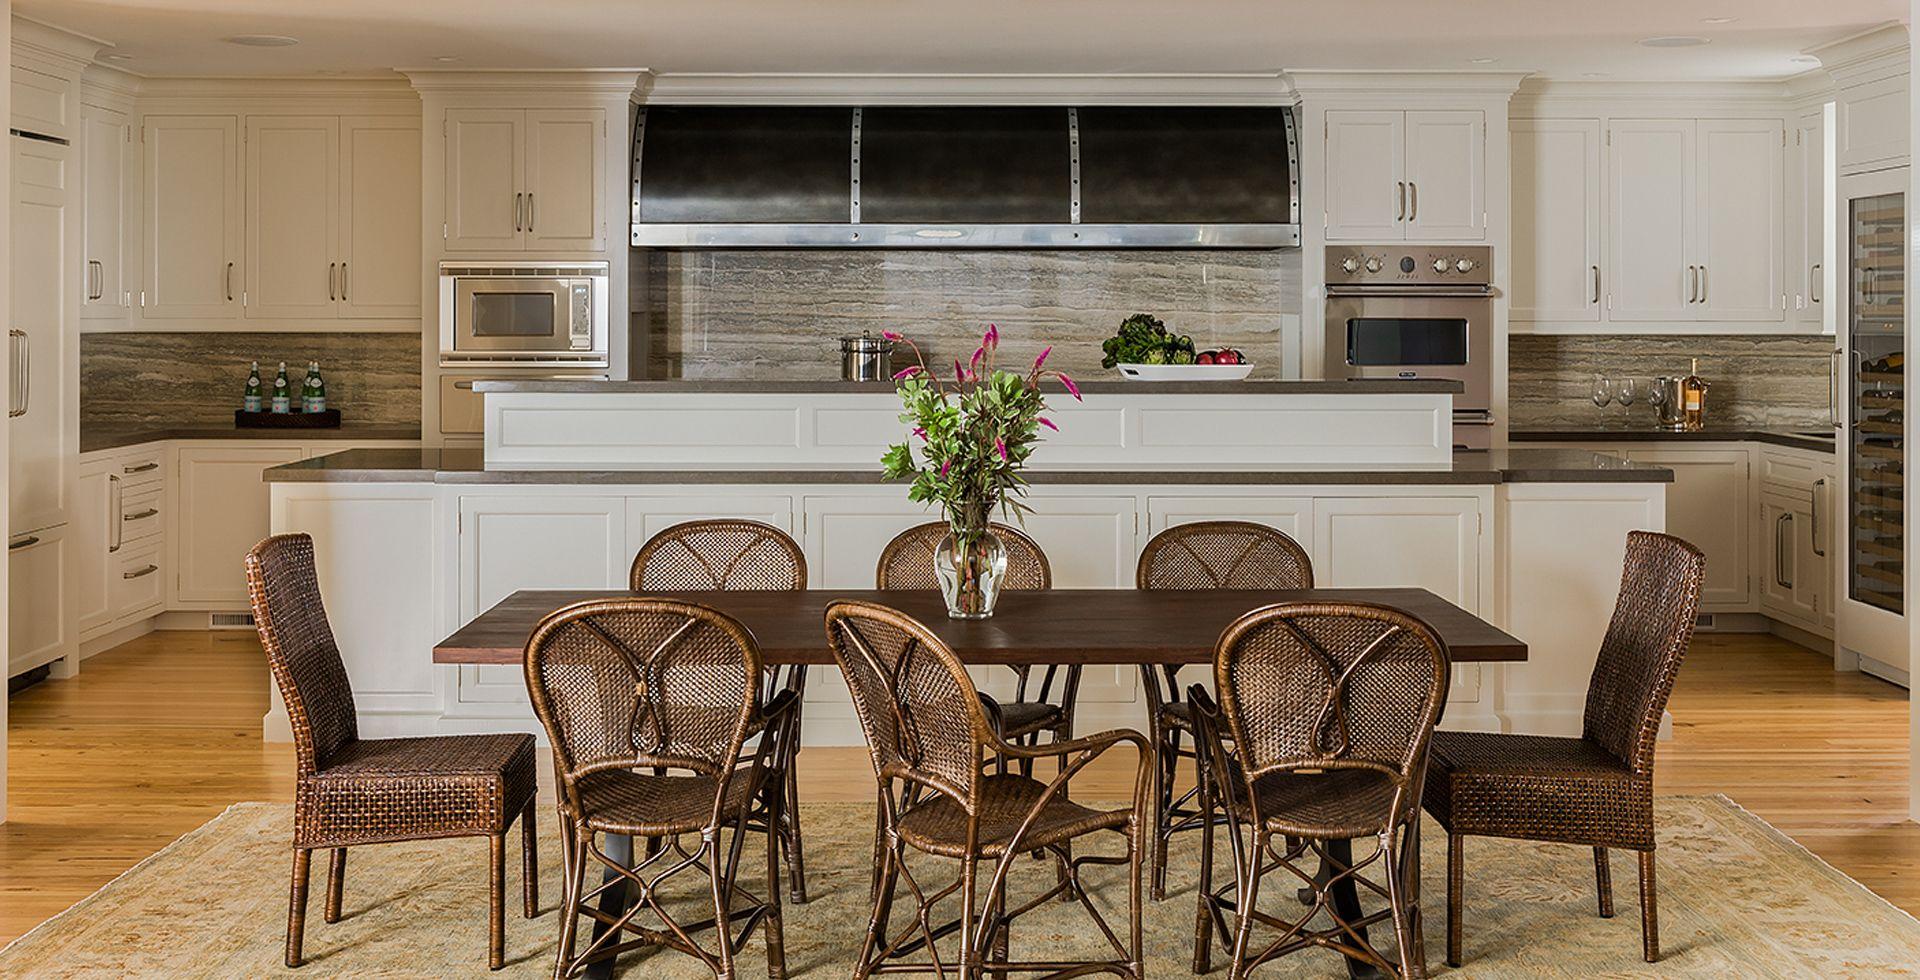 Kitchen Builder Ma  Massachusetts Kitchen Designer  Kitchen Unique Kitchen Design Massachusetts Decorating Design